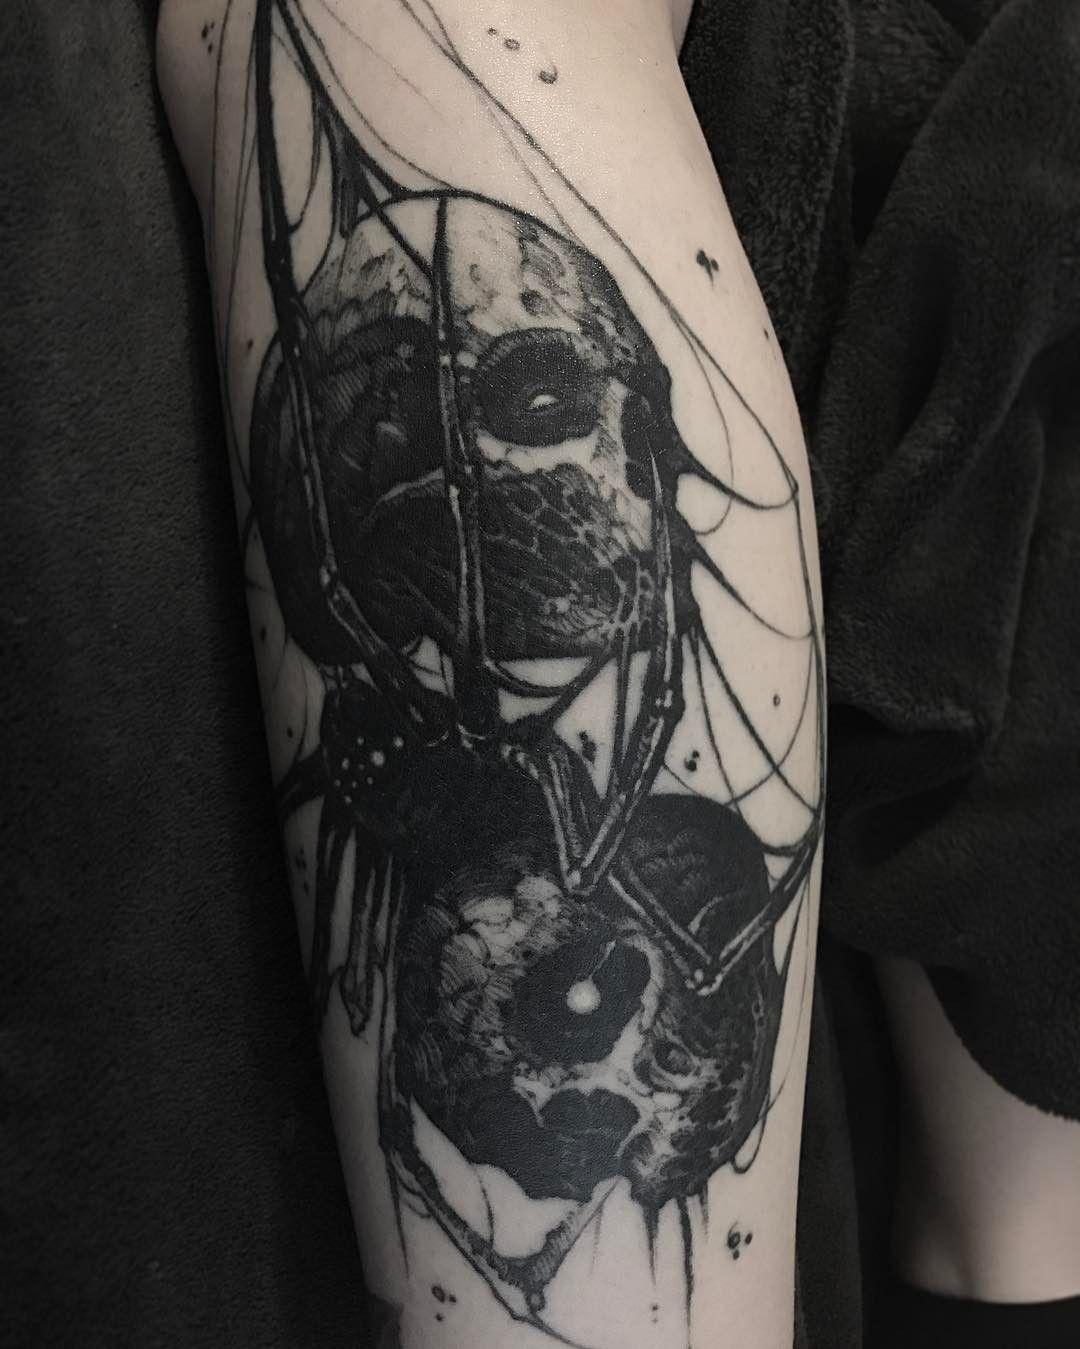 5267652f5 @_akayy_ #worldfamousink #healed #skull #spider #justblack #tattoo  #blackwork #tattoos #tattooart #greensboro #nc #tattoartist #nctattooers  #blackworkers ...